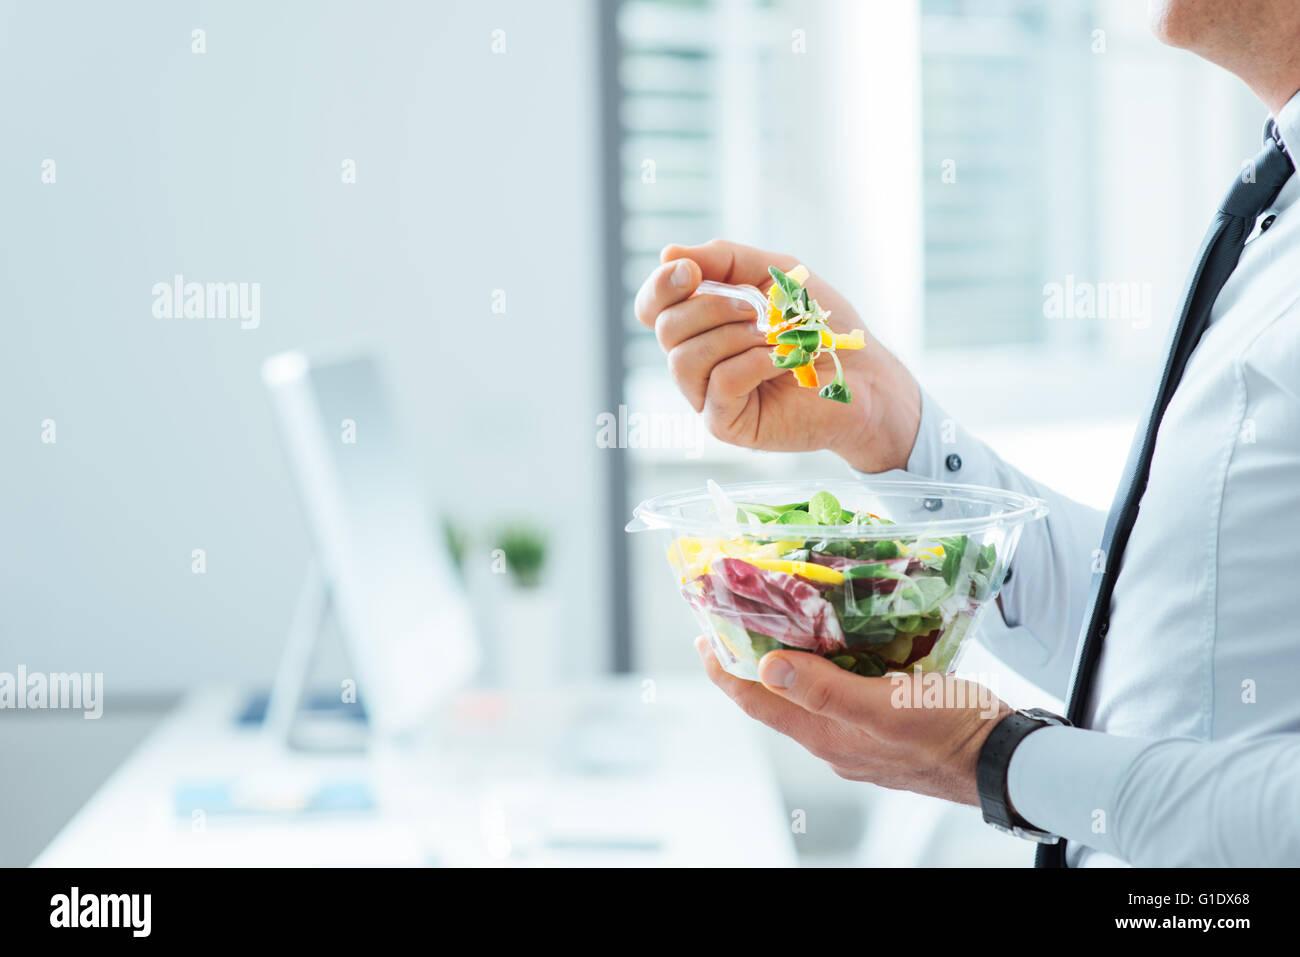 El empresario tiene una ensalada de verduras para comer, comer sano y el concepto de estilo de vida, persona irreconocible Imagen De Stock